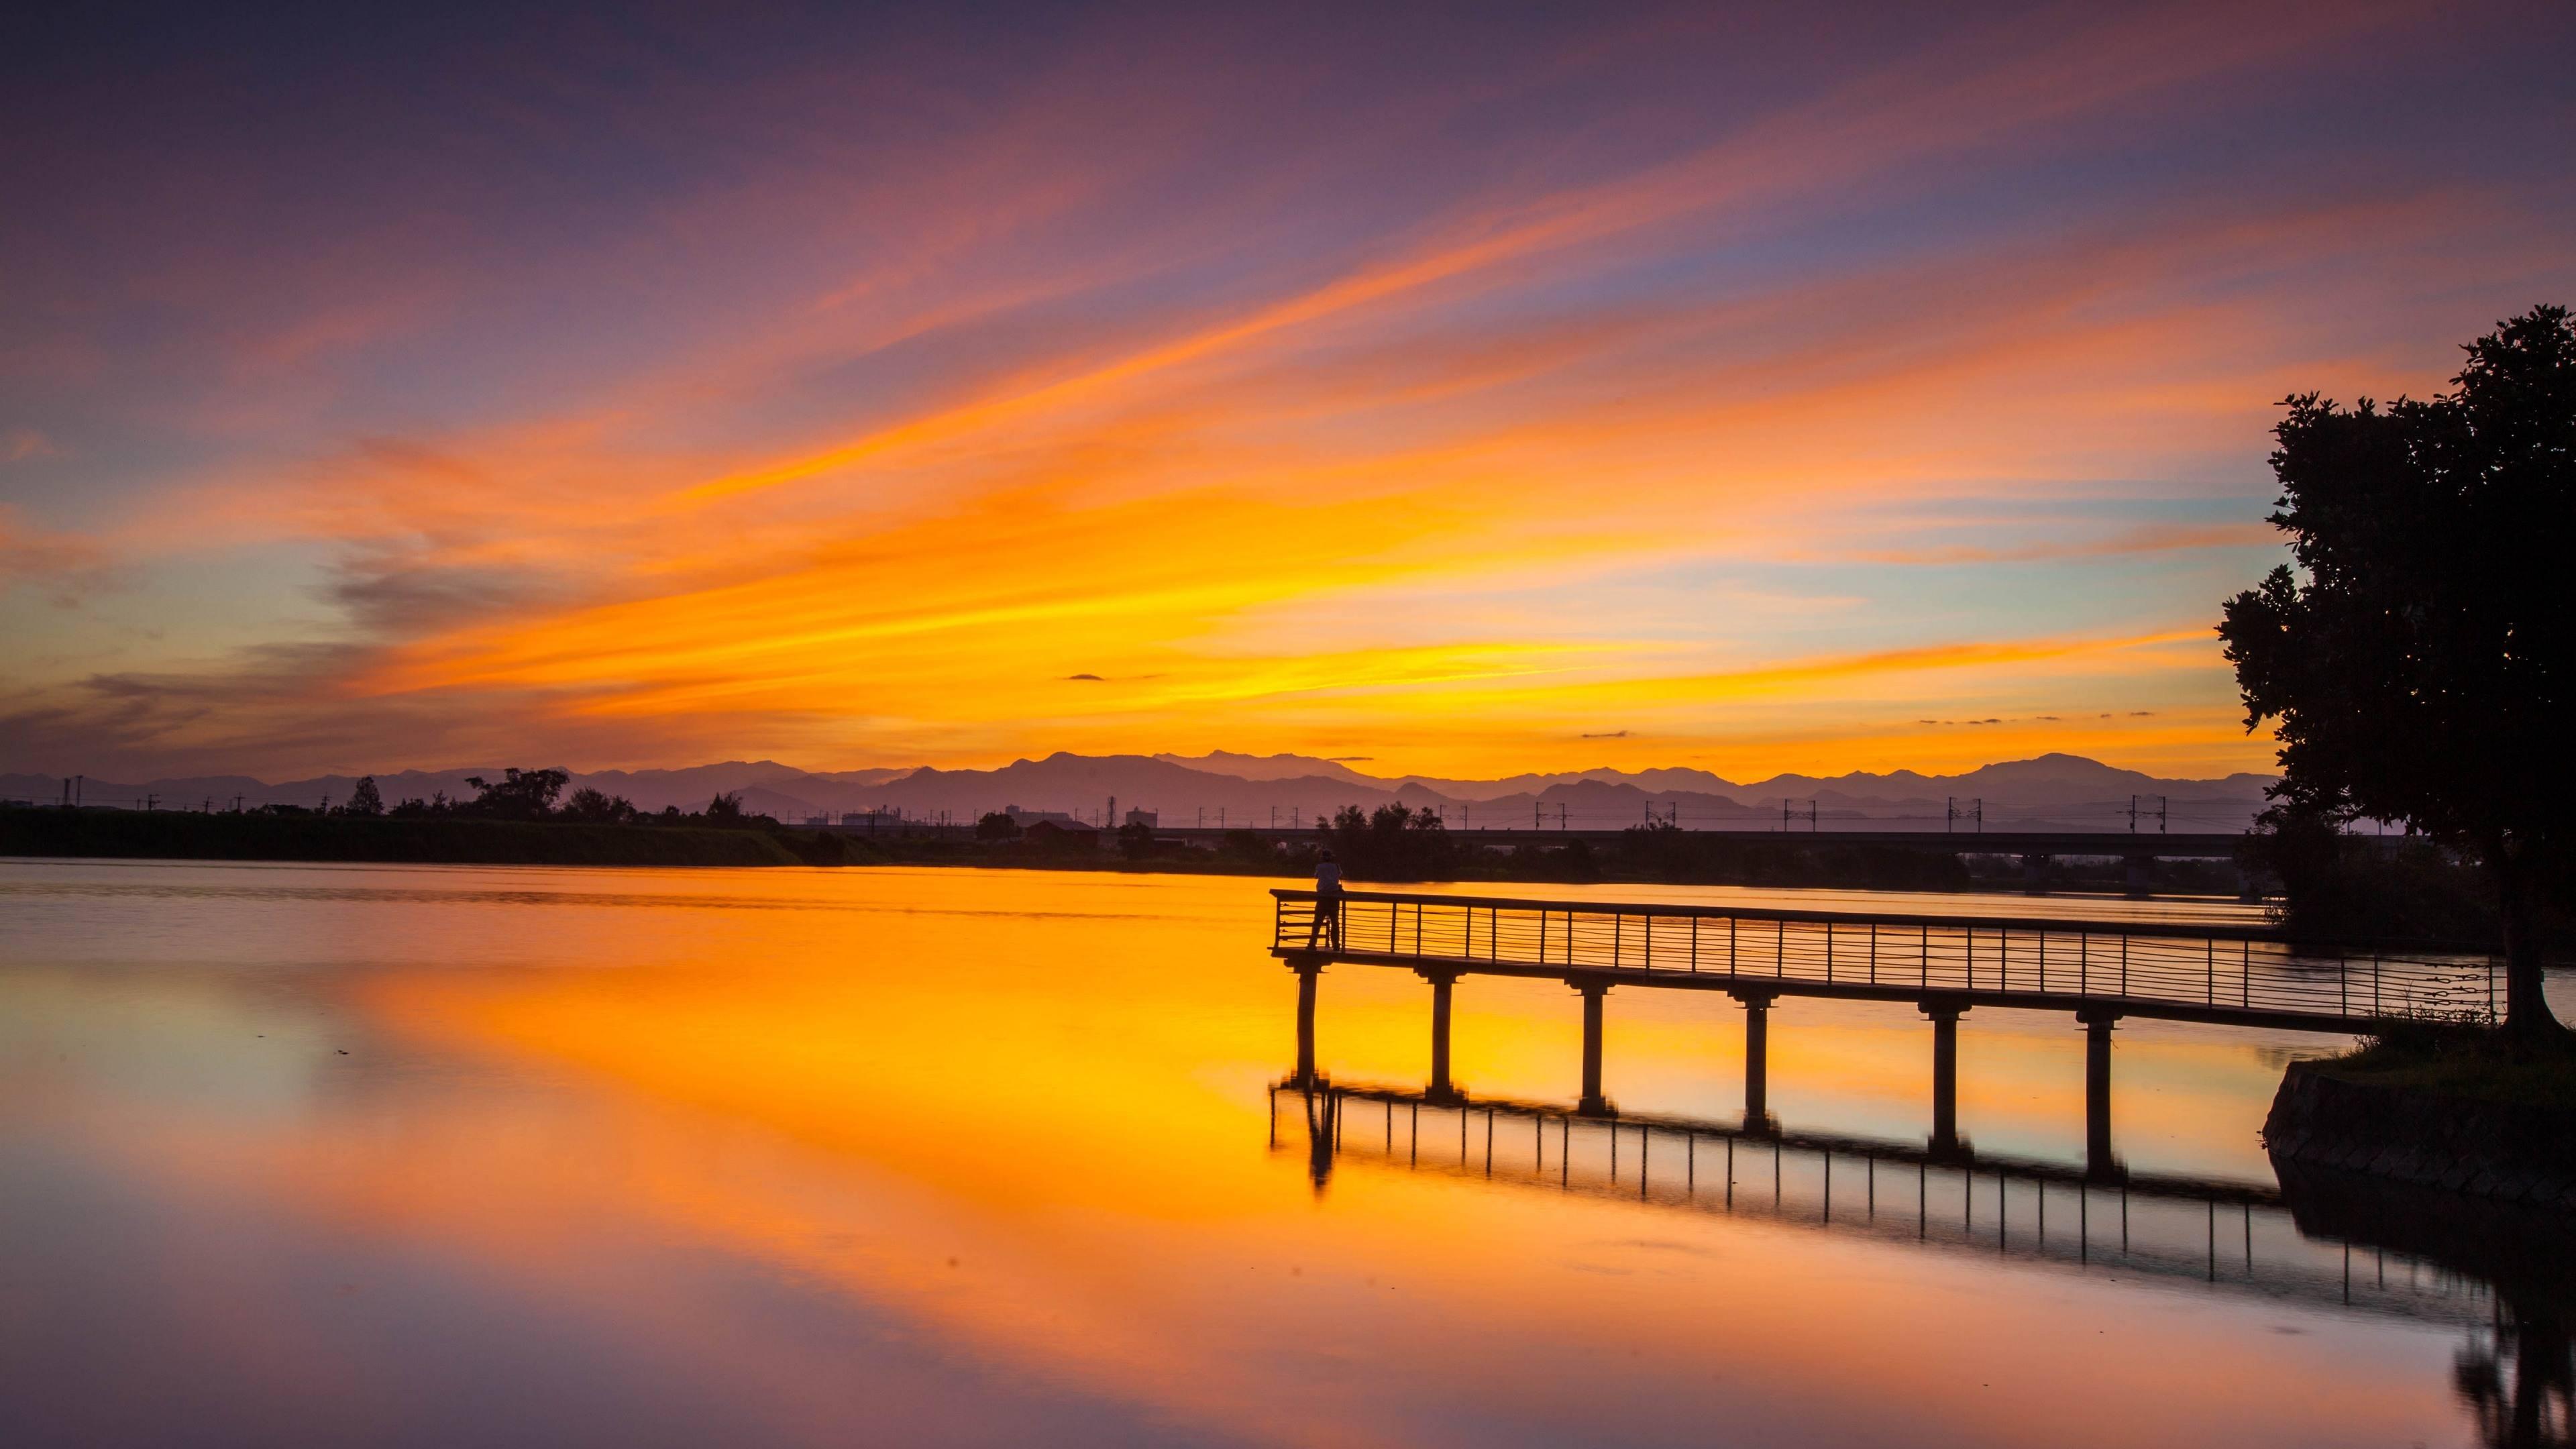 закат, пирс, озеро бесплатно